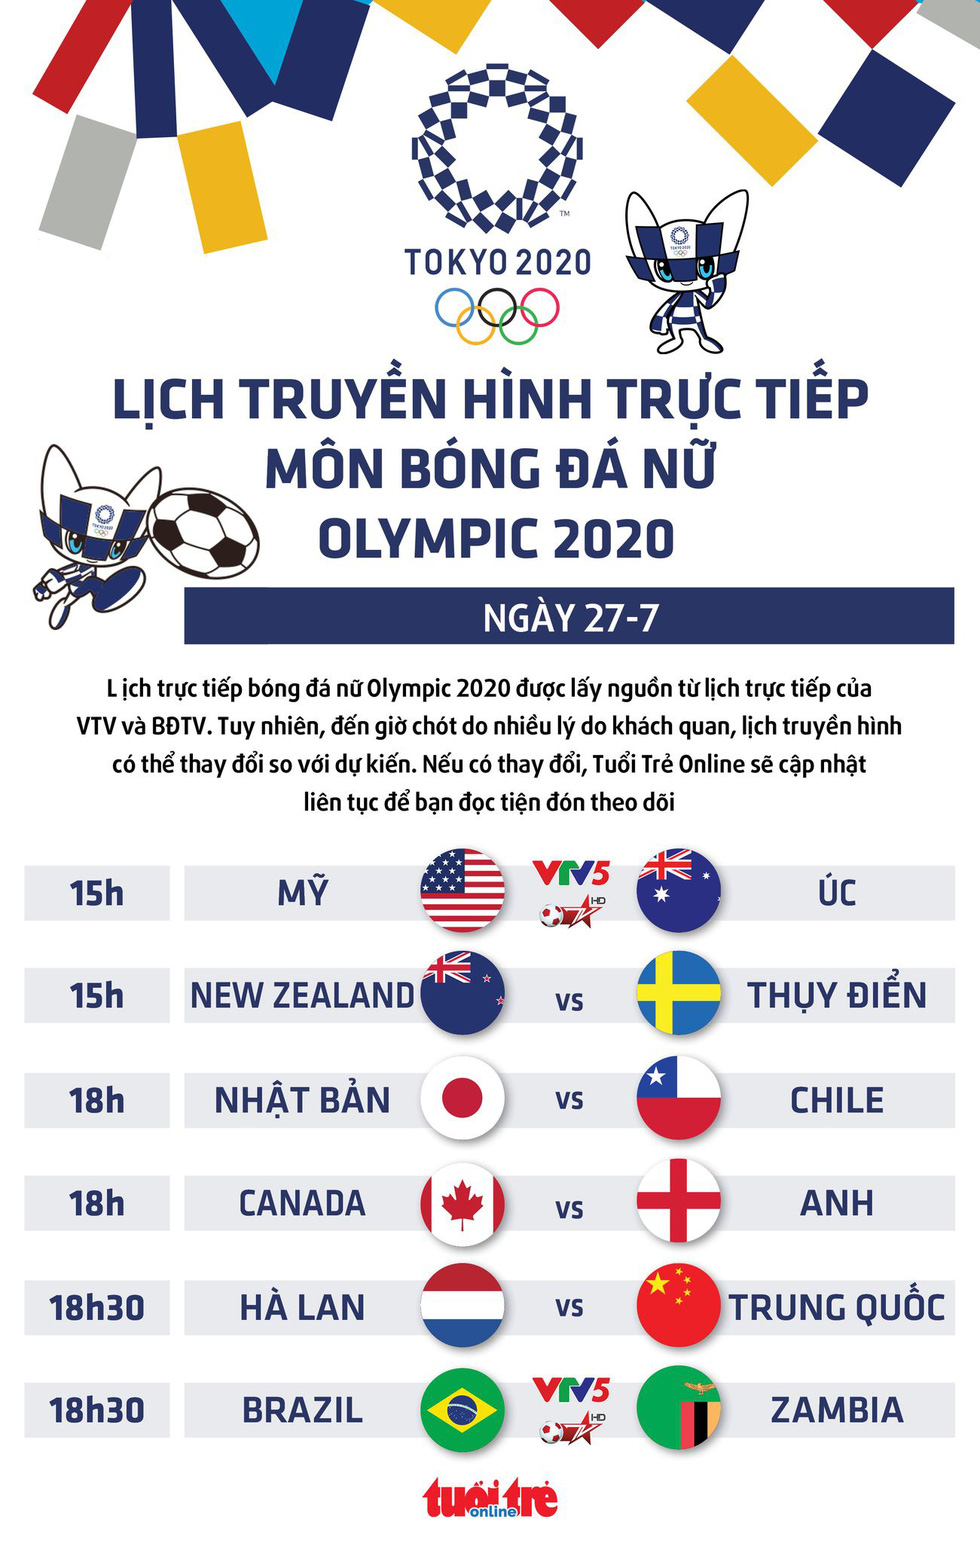 Lịch trực tiếp bóng đá nữ Olympic 2020: Mỹ - Úc, Hà Lan - Trung Quốc - Ảnh 1.